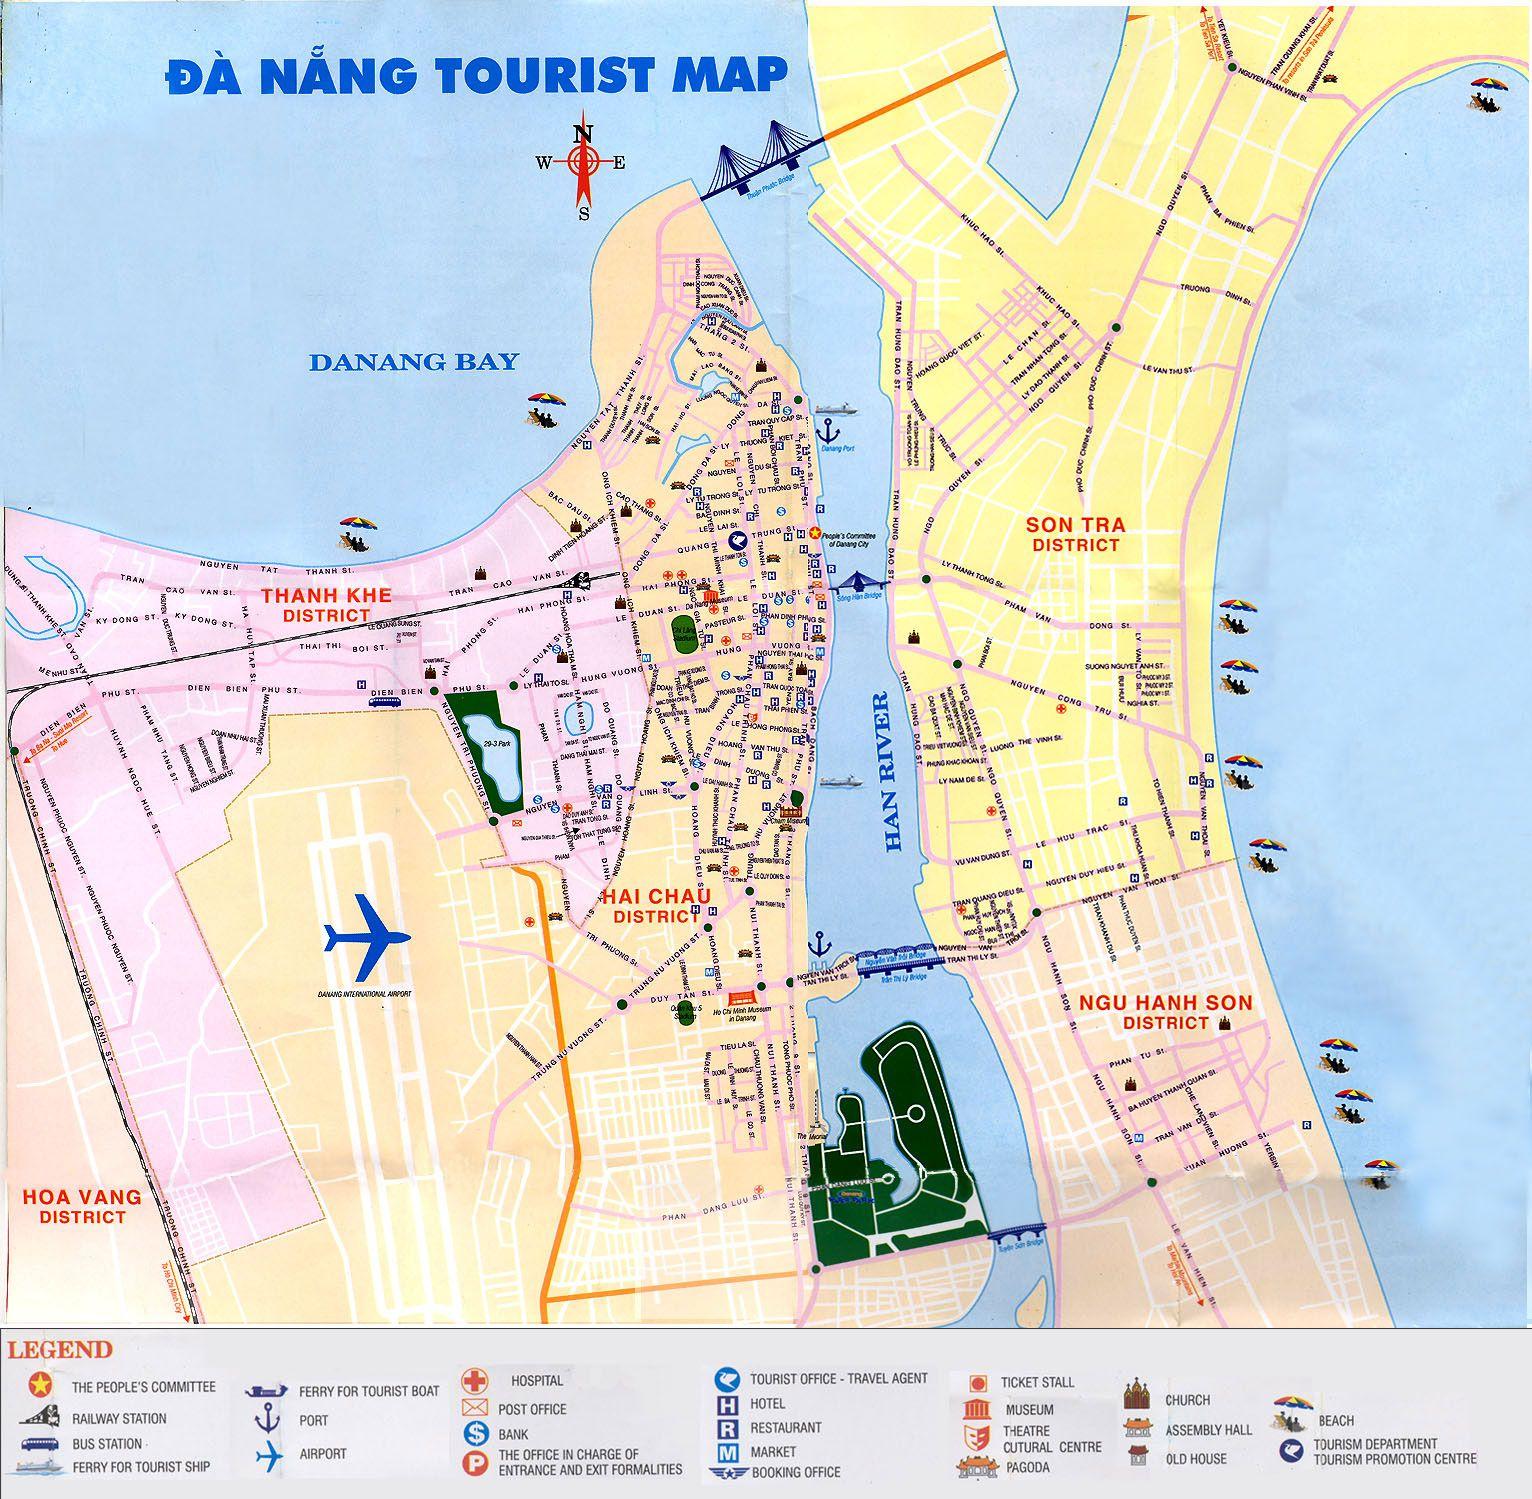 Da Nang Tourism Map | Lifestyle | Pinterest | Da nang ...